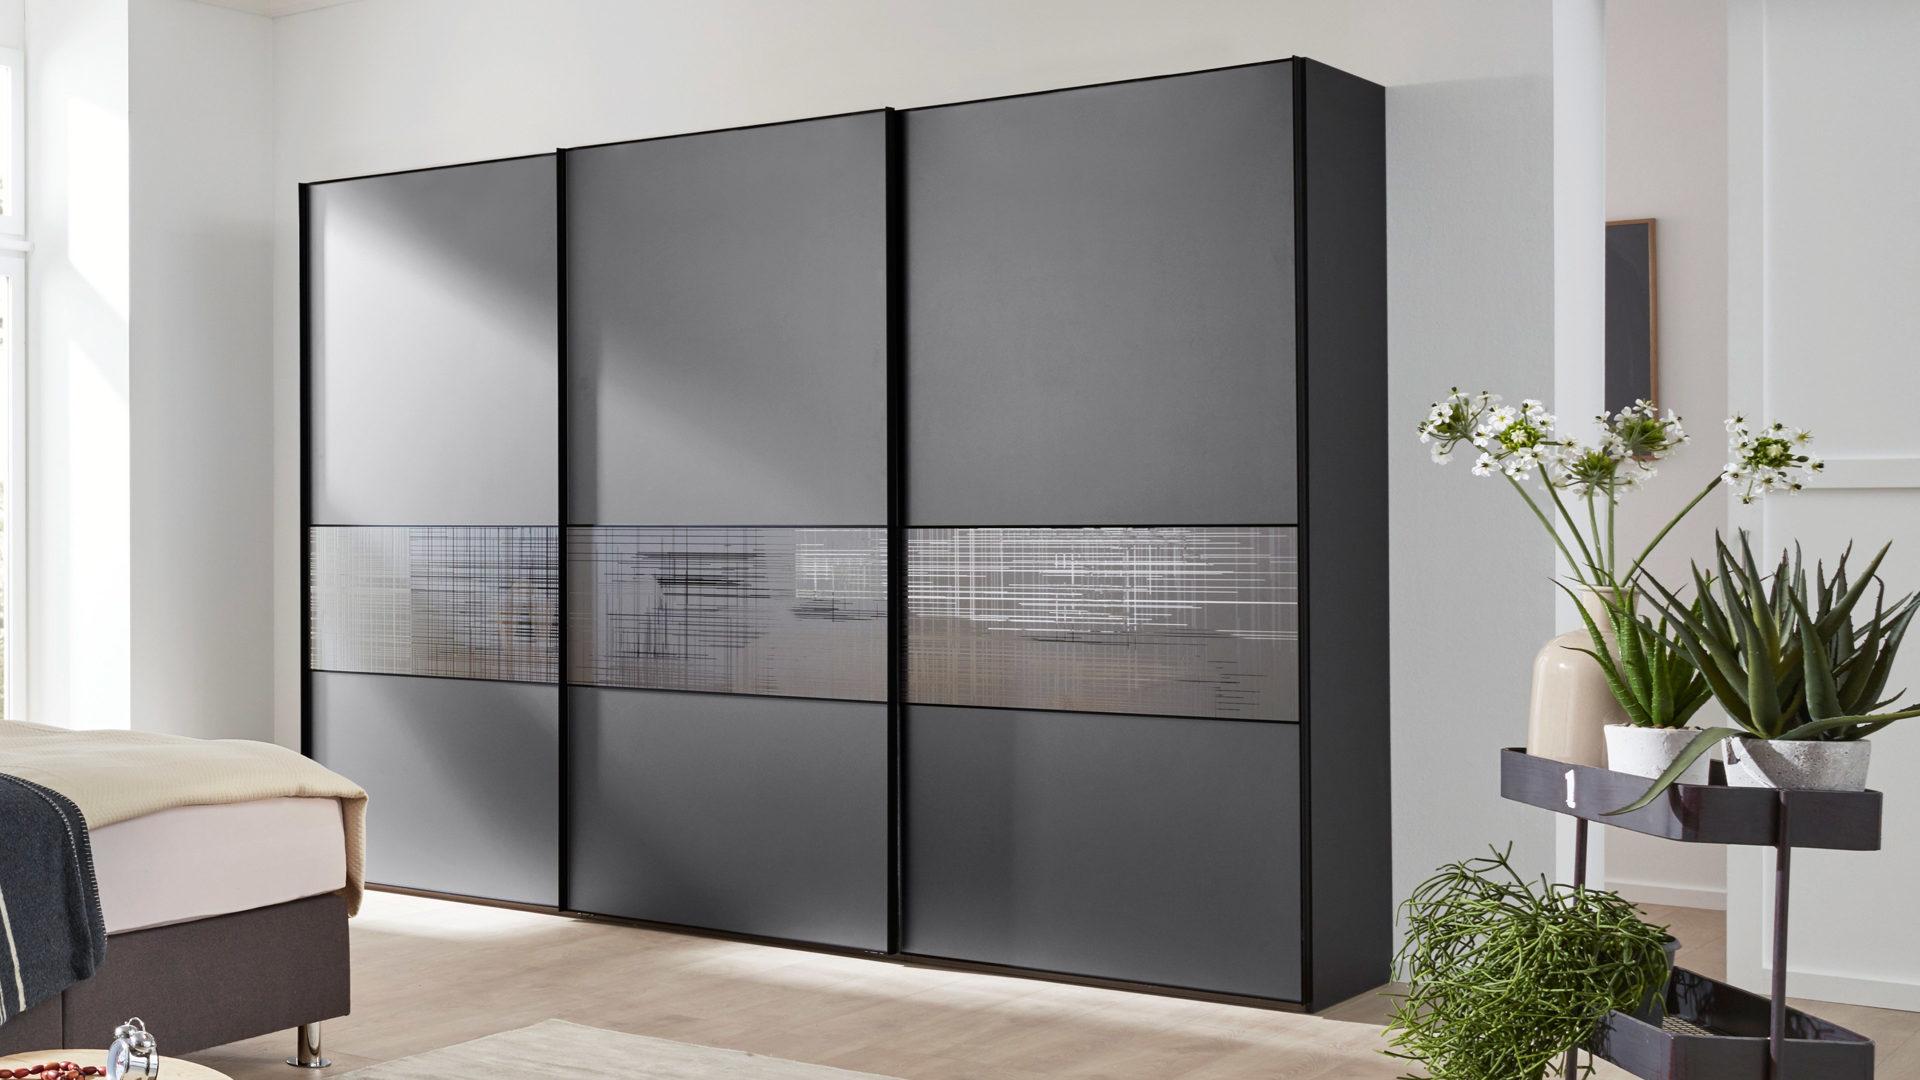 Interliving Kleiderschrank Serie 1204 Graue Glas Und Kunststoffoberflachen